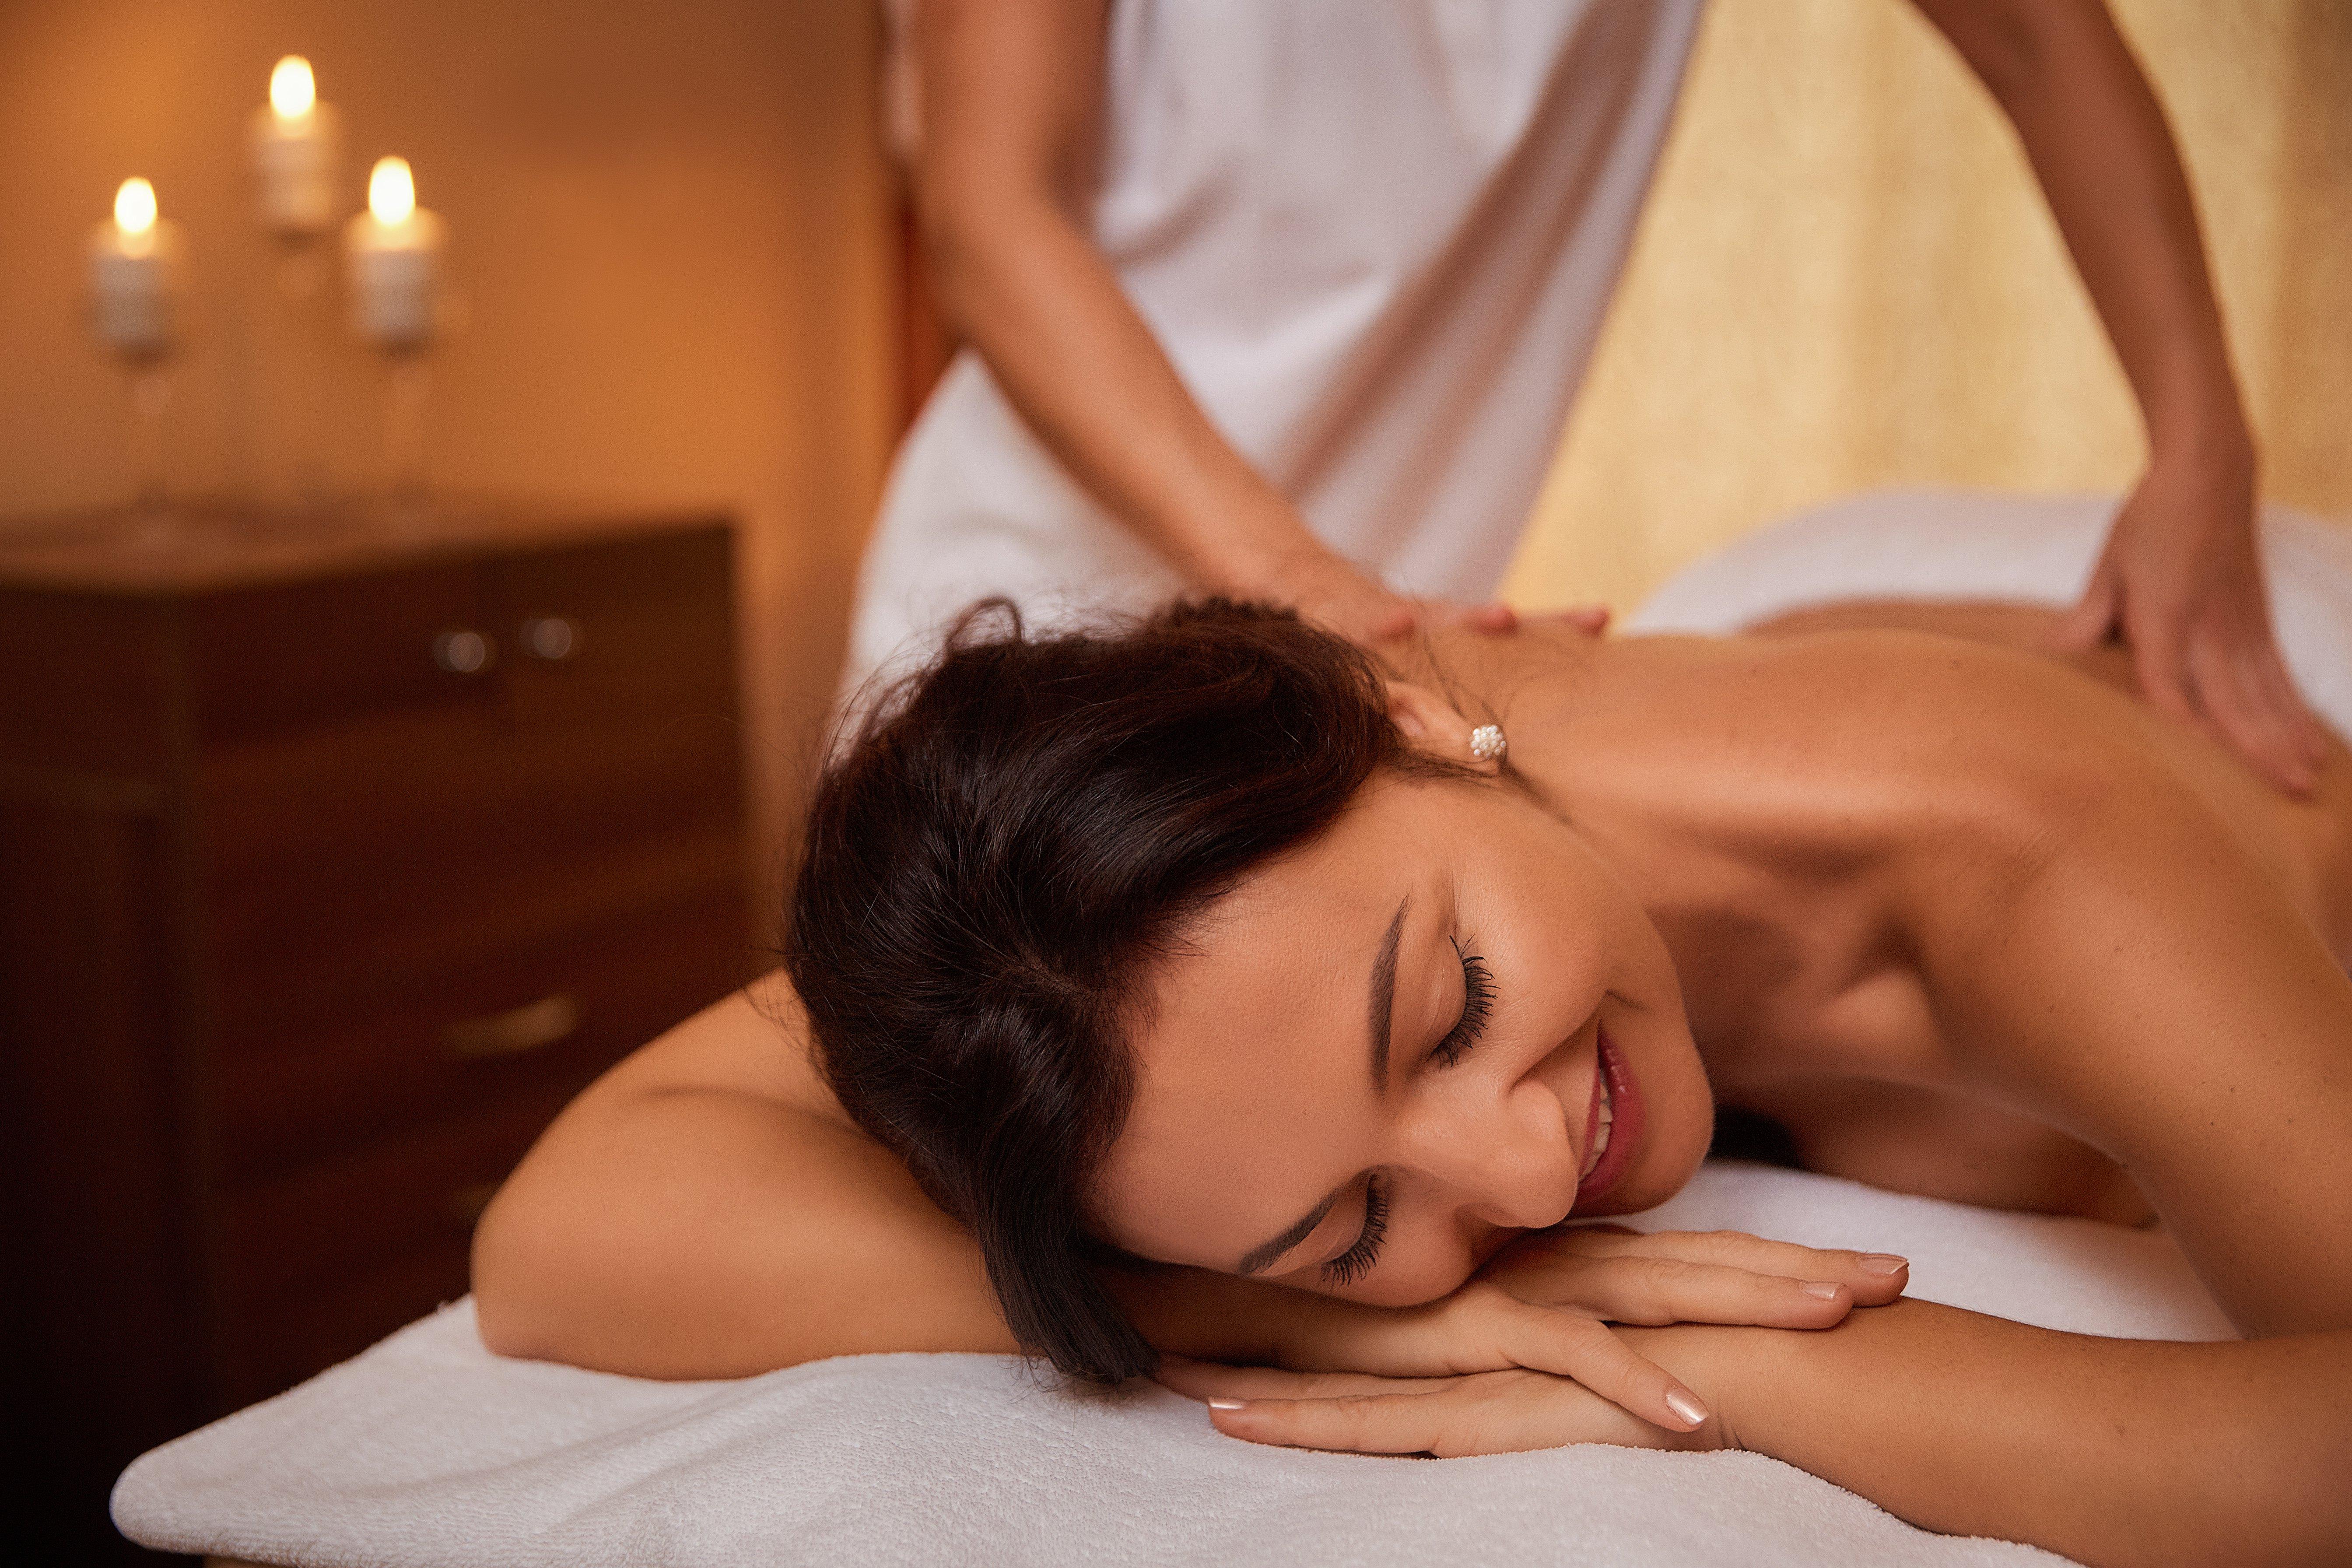 Японка оргазм на массаже, Оргазм на японском массаже - видео 12 фотография